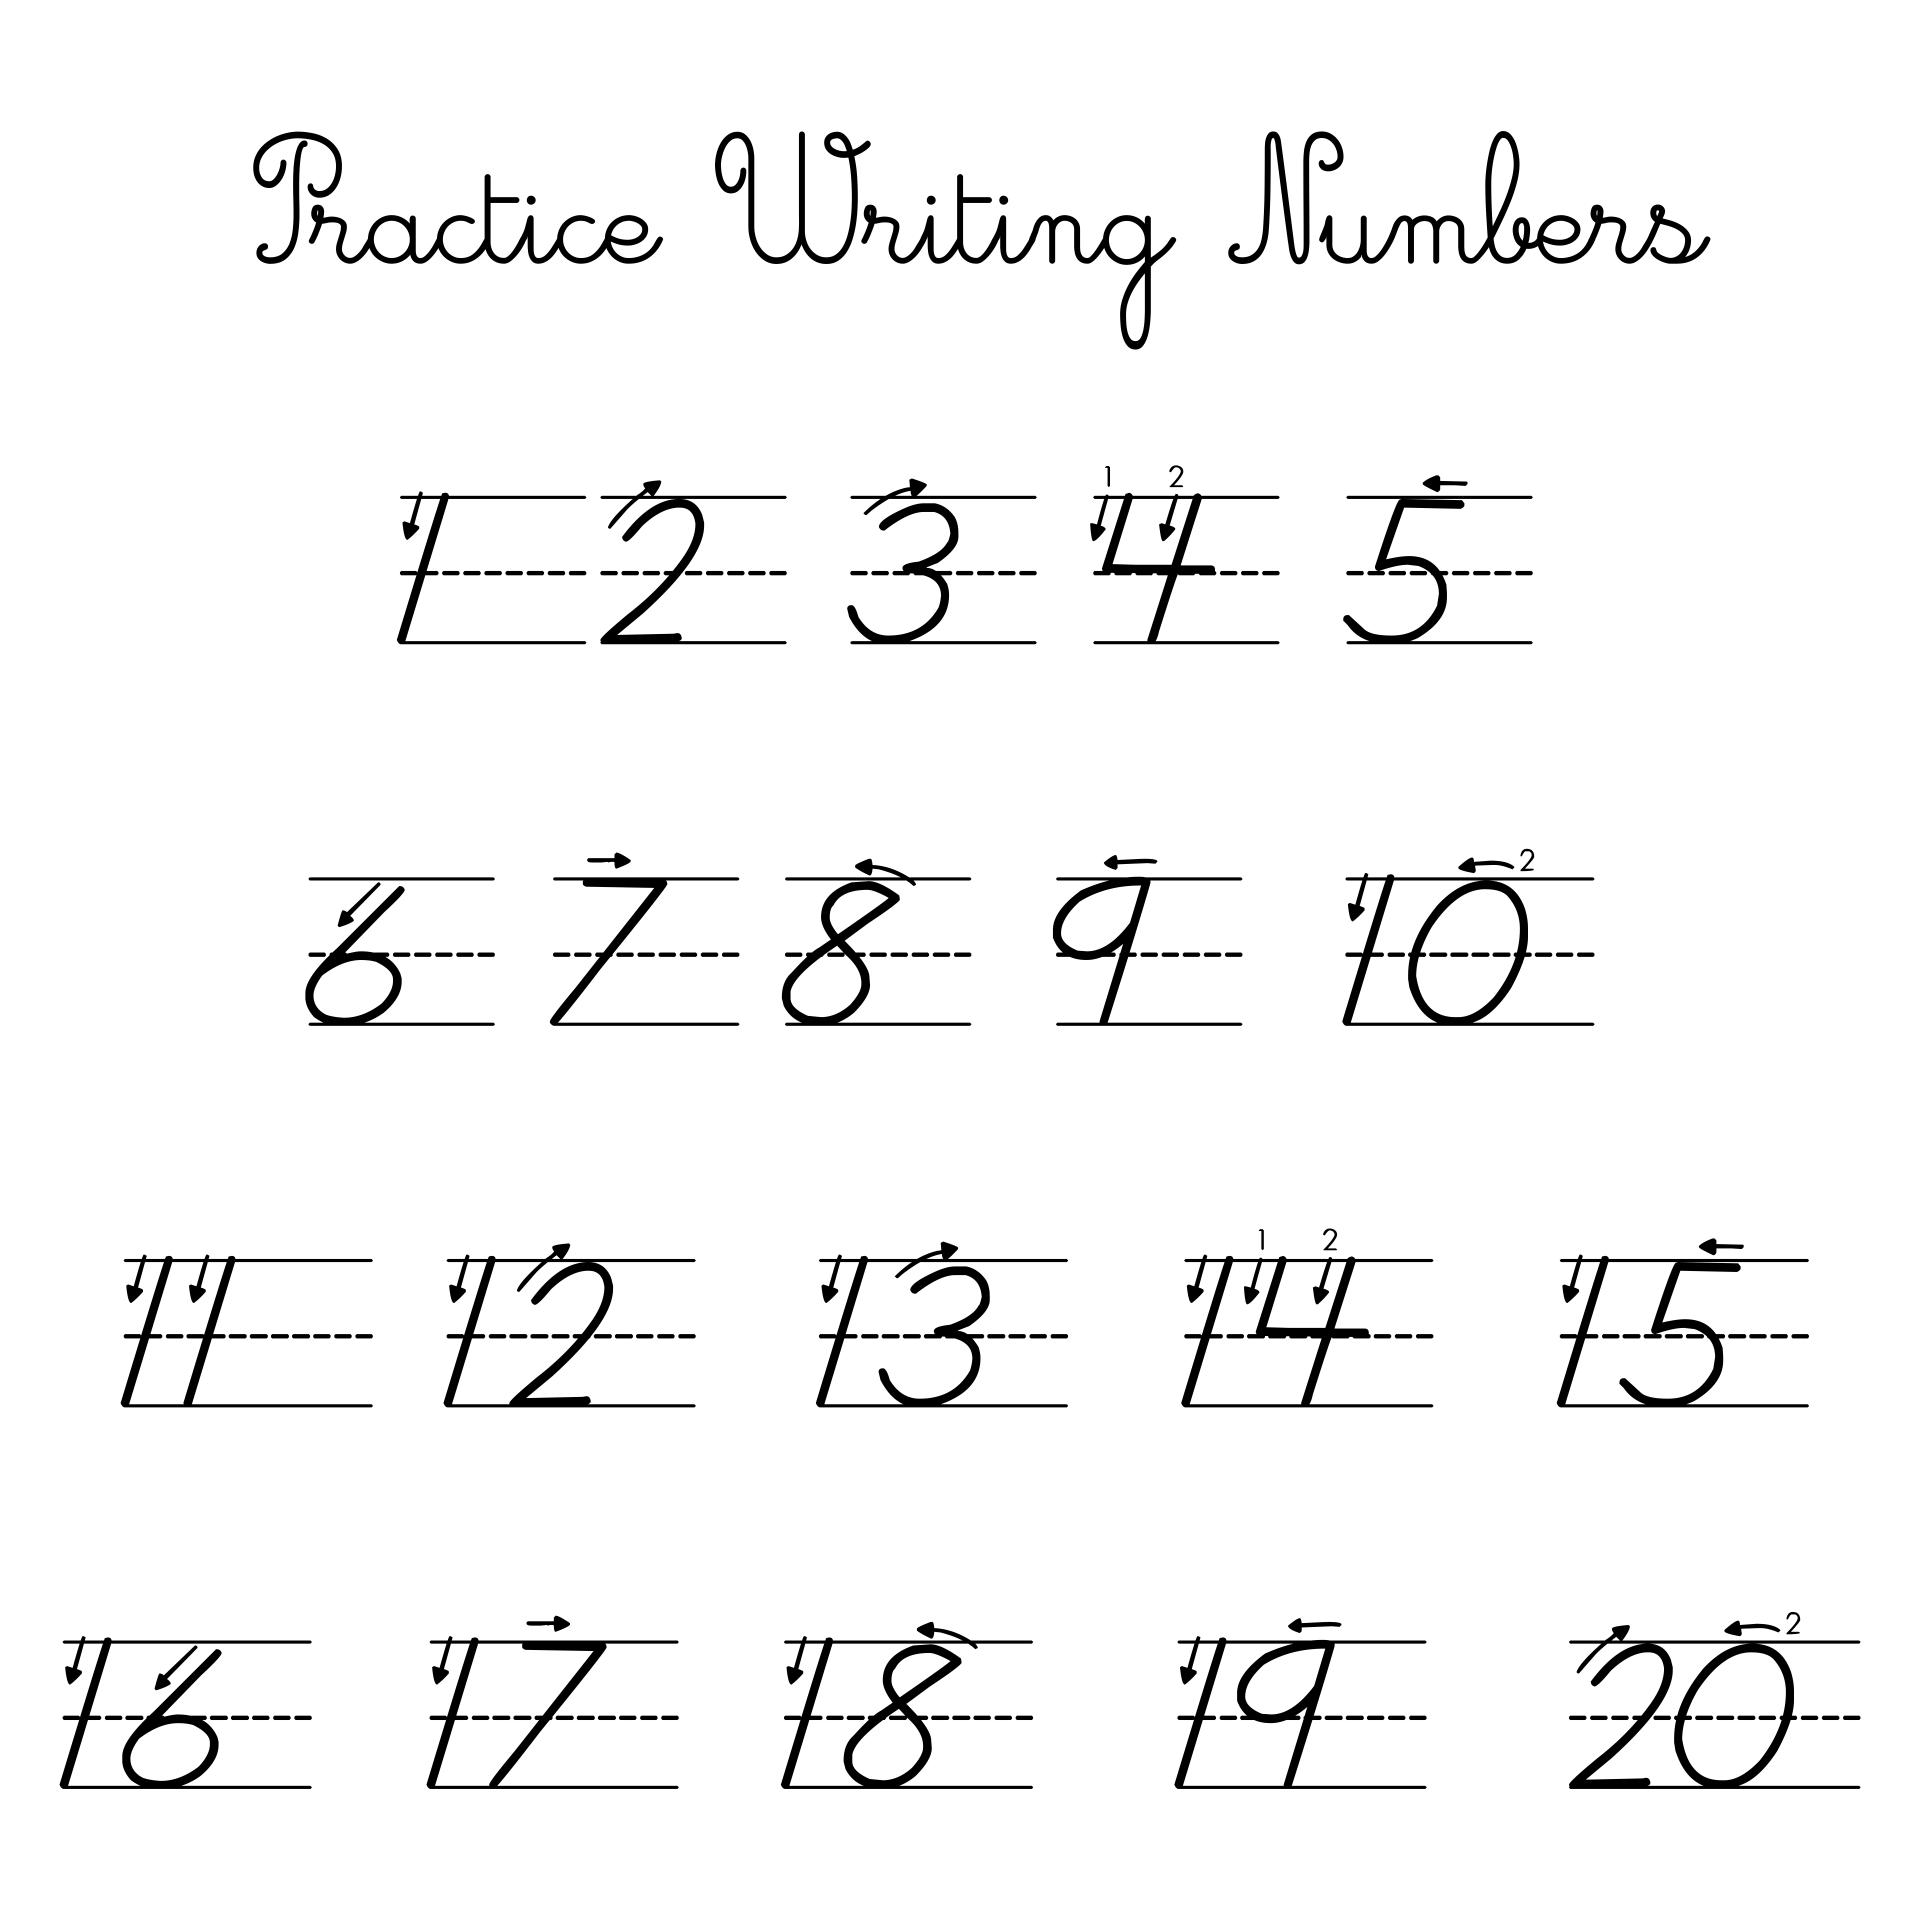 Practice Writing Numbers 1 20 Worksheet